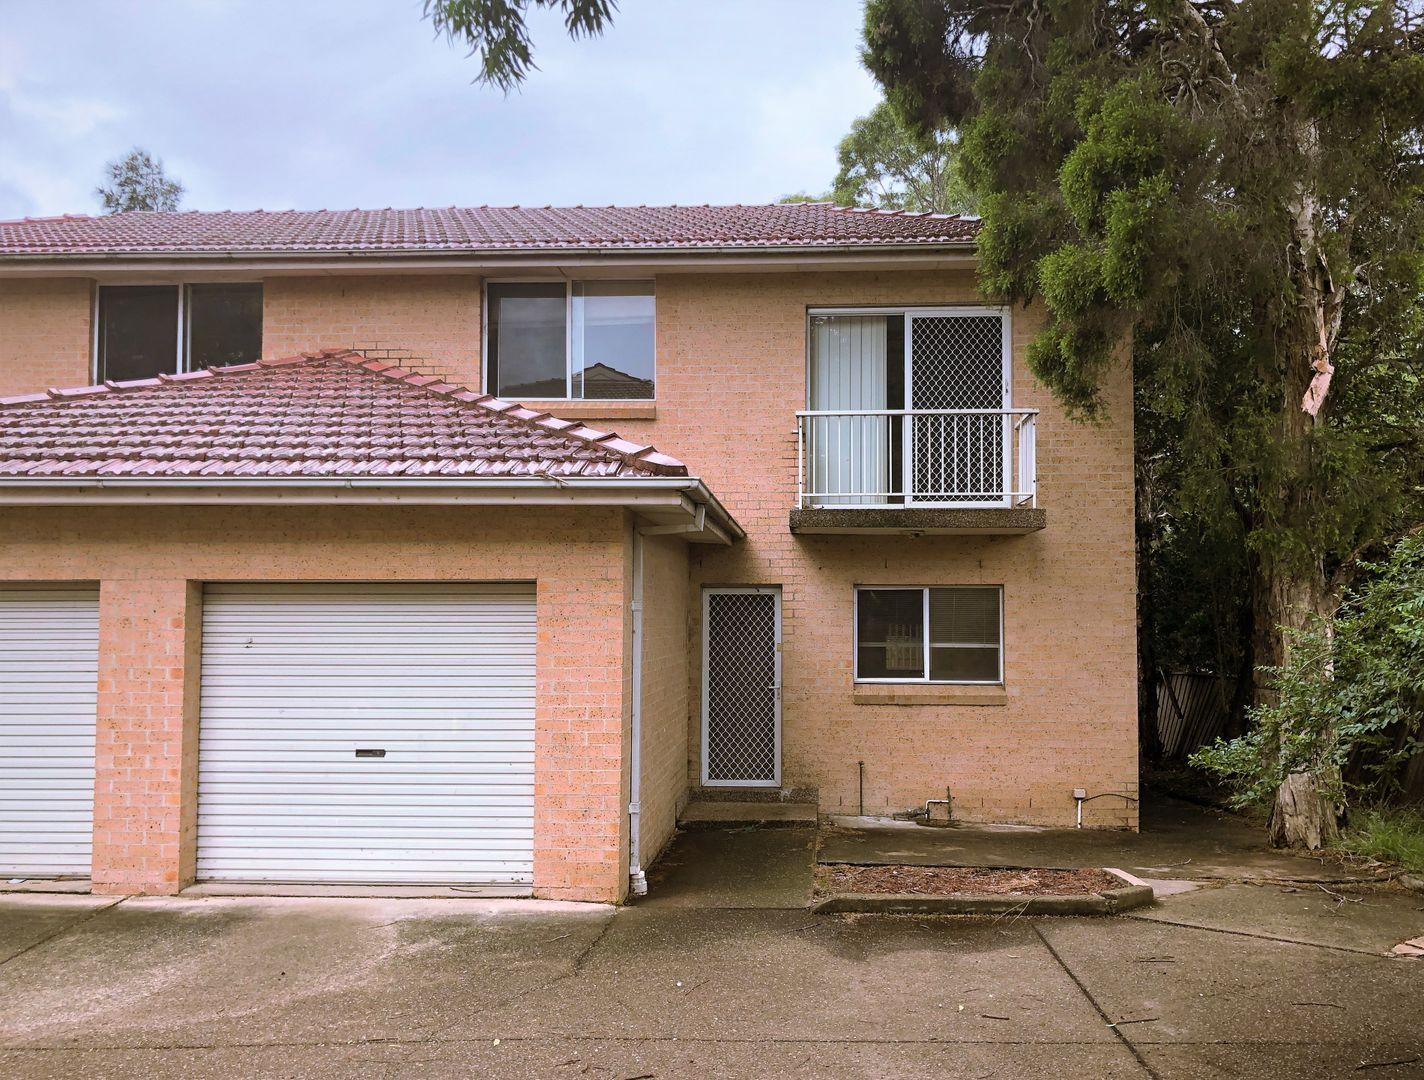 5/64 Marshall Street, Bankstown NSW 2200, Image 0